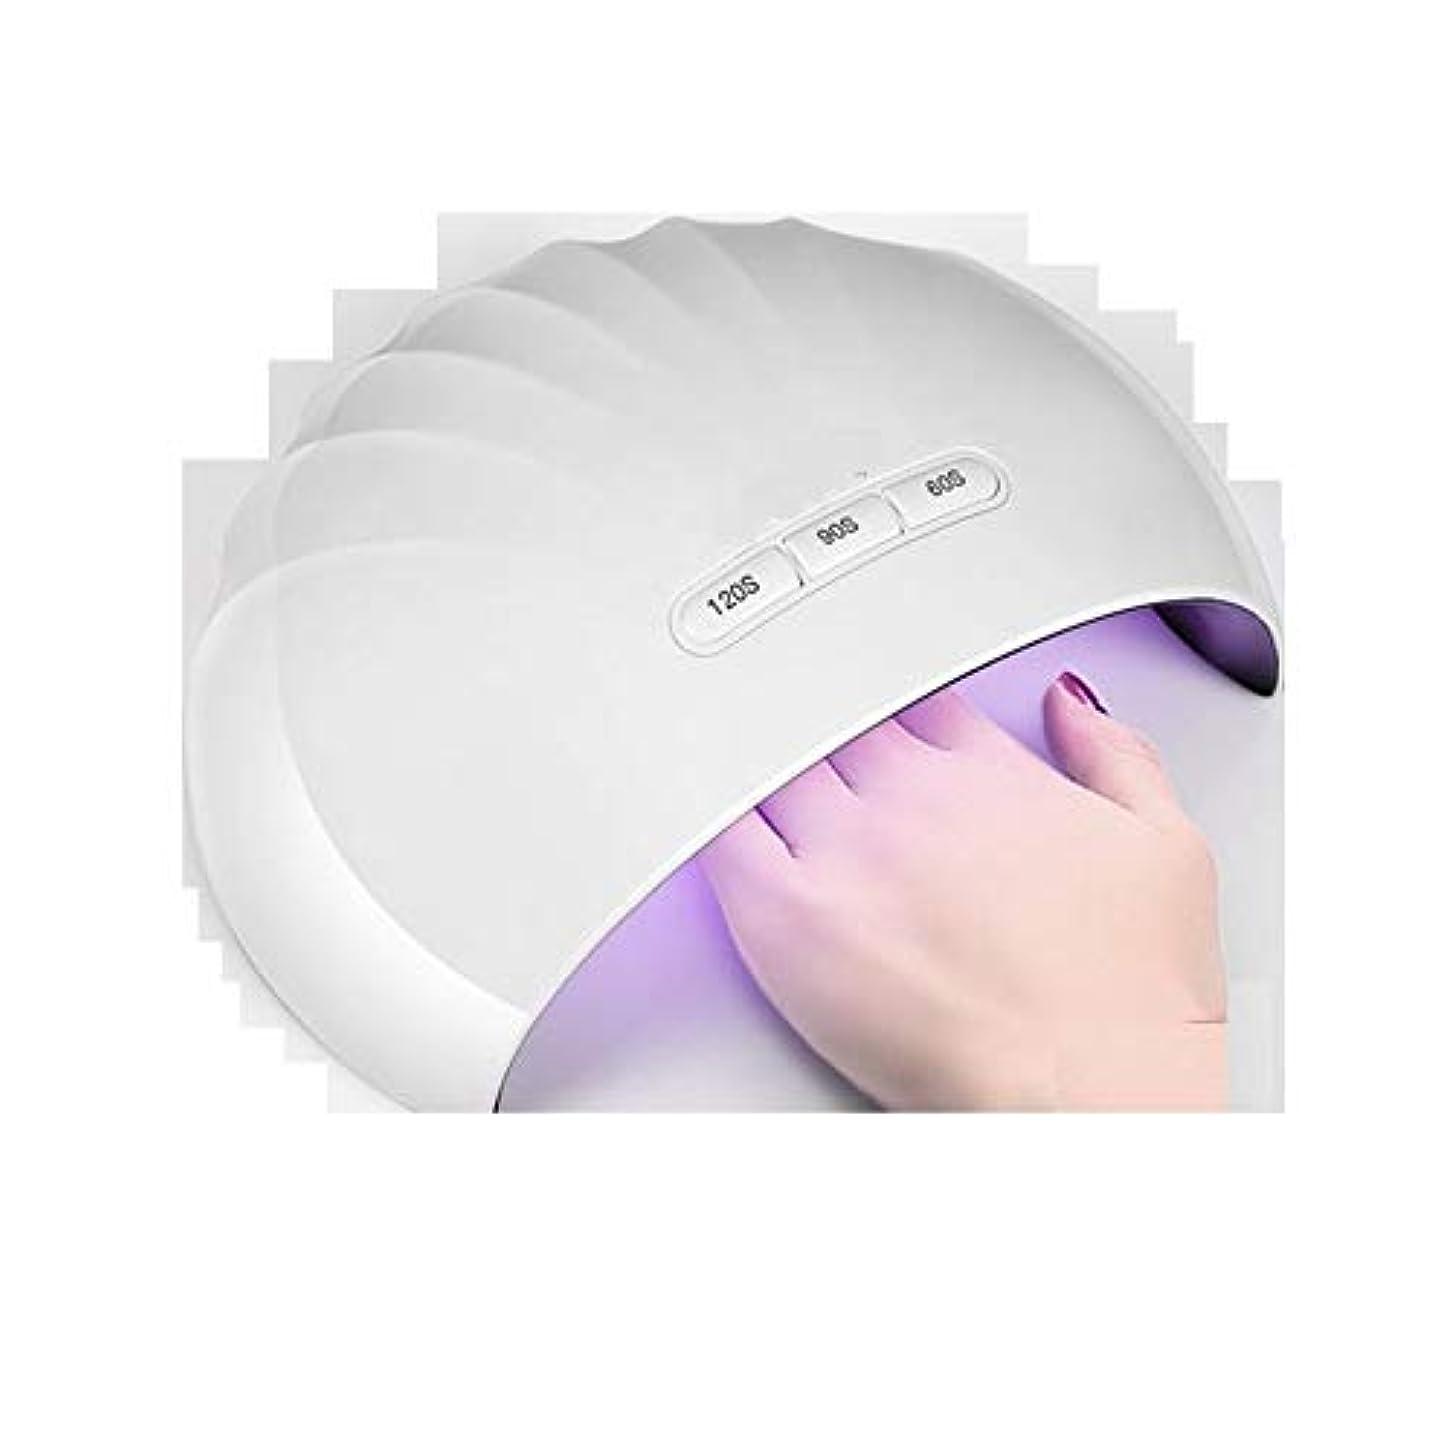 うつ注入概念LittleCat ネイルネイル光線療法機ドライヤースマート36Wネイル12個のデュアル光源ランプビーズ (色 : White+USB cable)